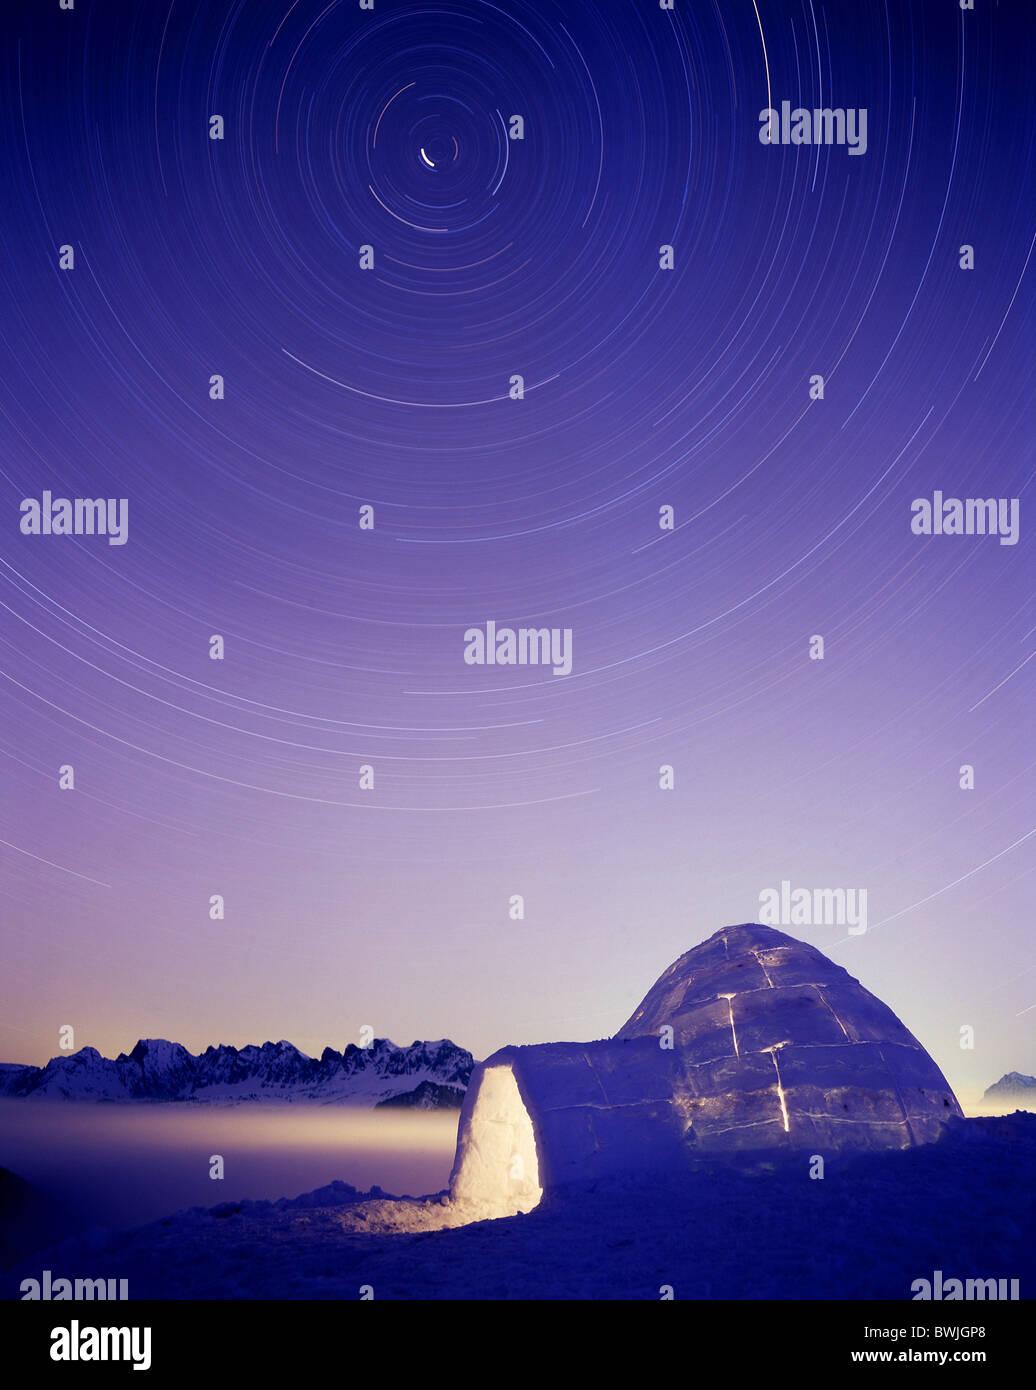 igloo illuminated Pizol night sky time exposure stars star sky circles rings mountains Alps winter snow du - Stock Image